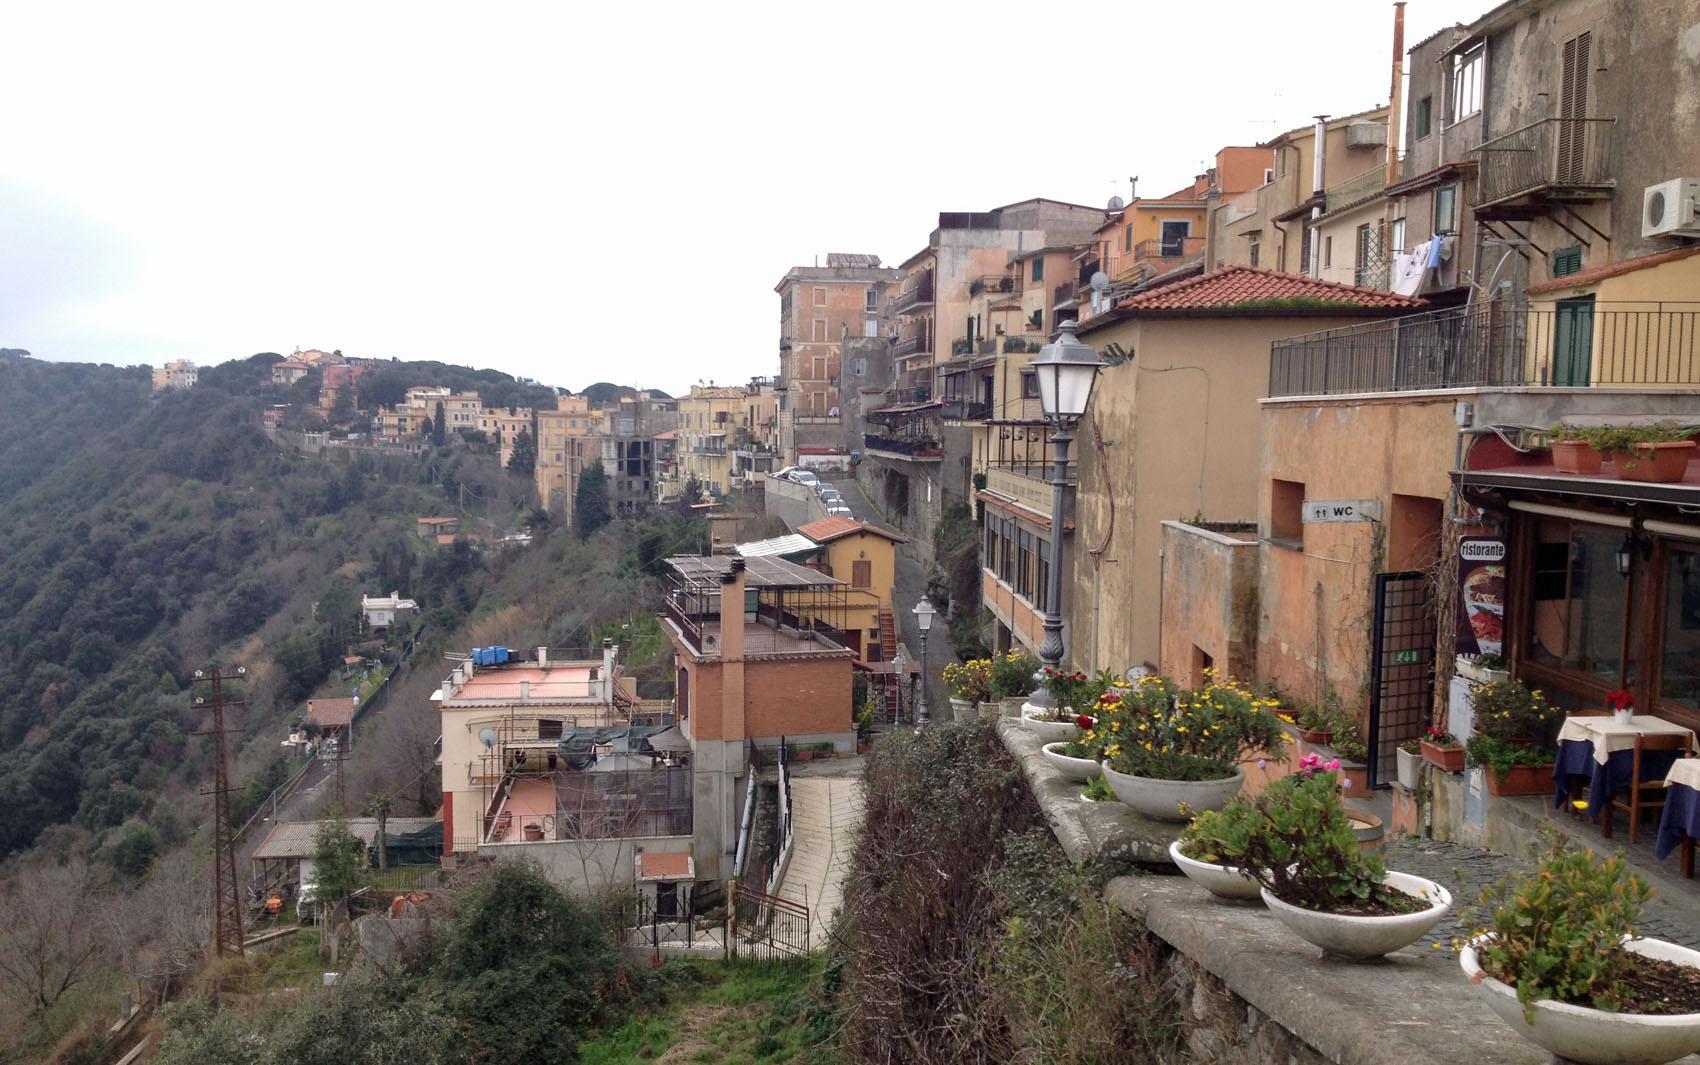 Residências em Castel Gandolfo, local da residência provisória do Papa Emérito Bento XVI.